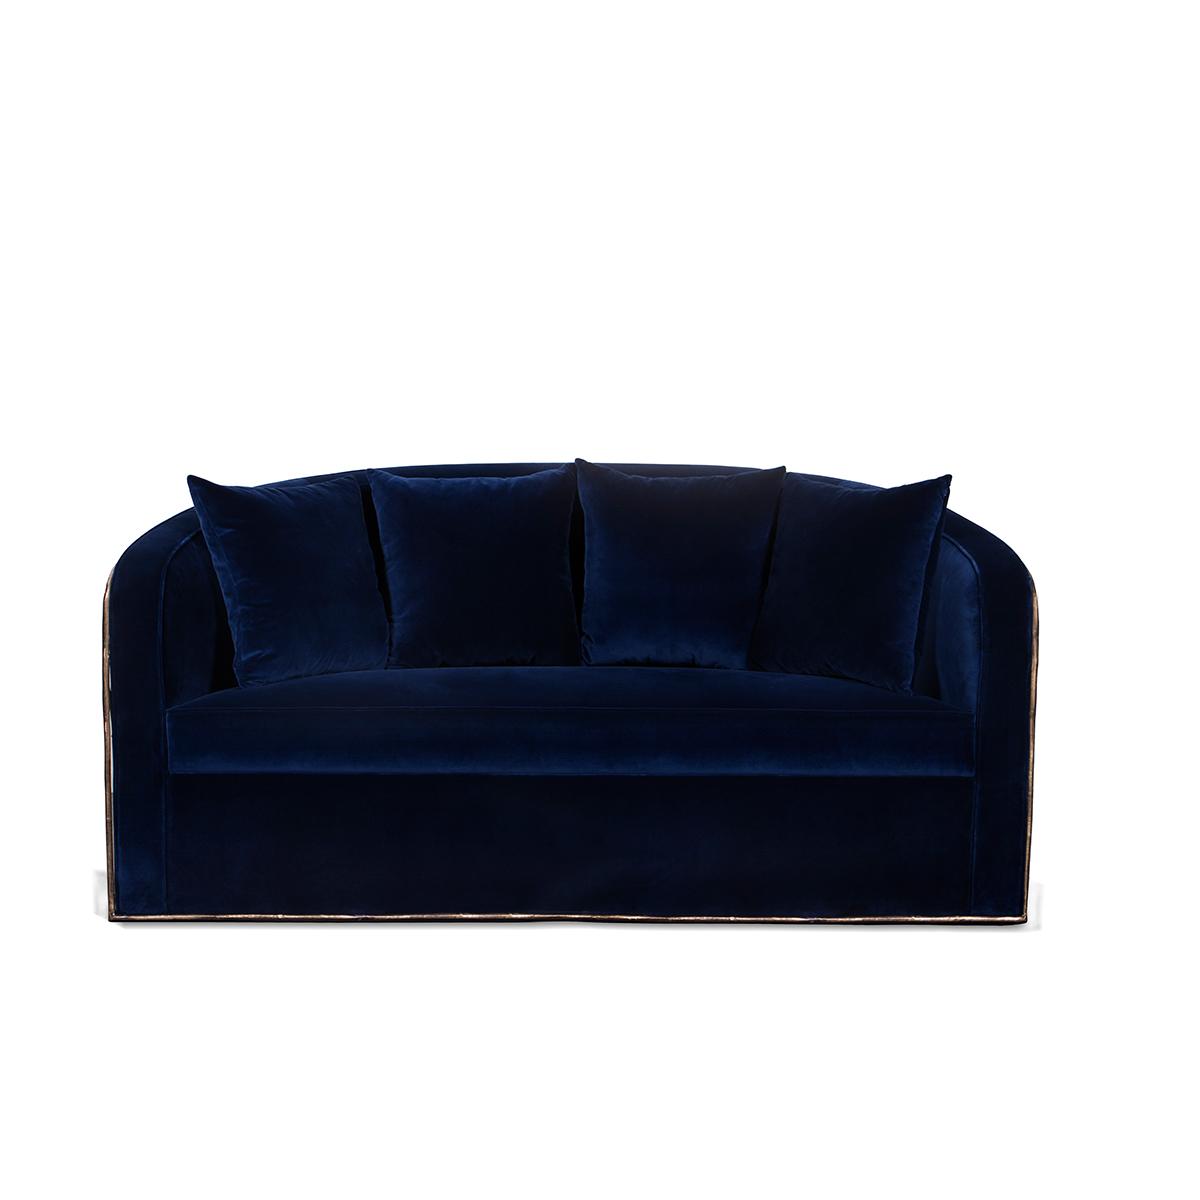 top 25 luxury sofas for a modern living room Top 25 Luxury Sofas for a Modern Living Room koket enchanted sofa 1200x1200 imagem principal 1